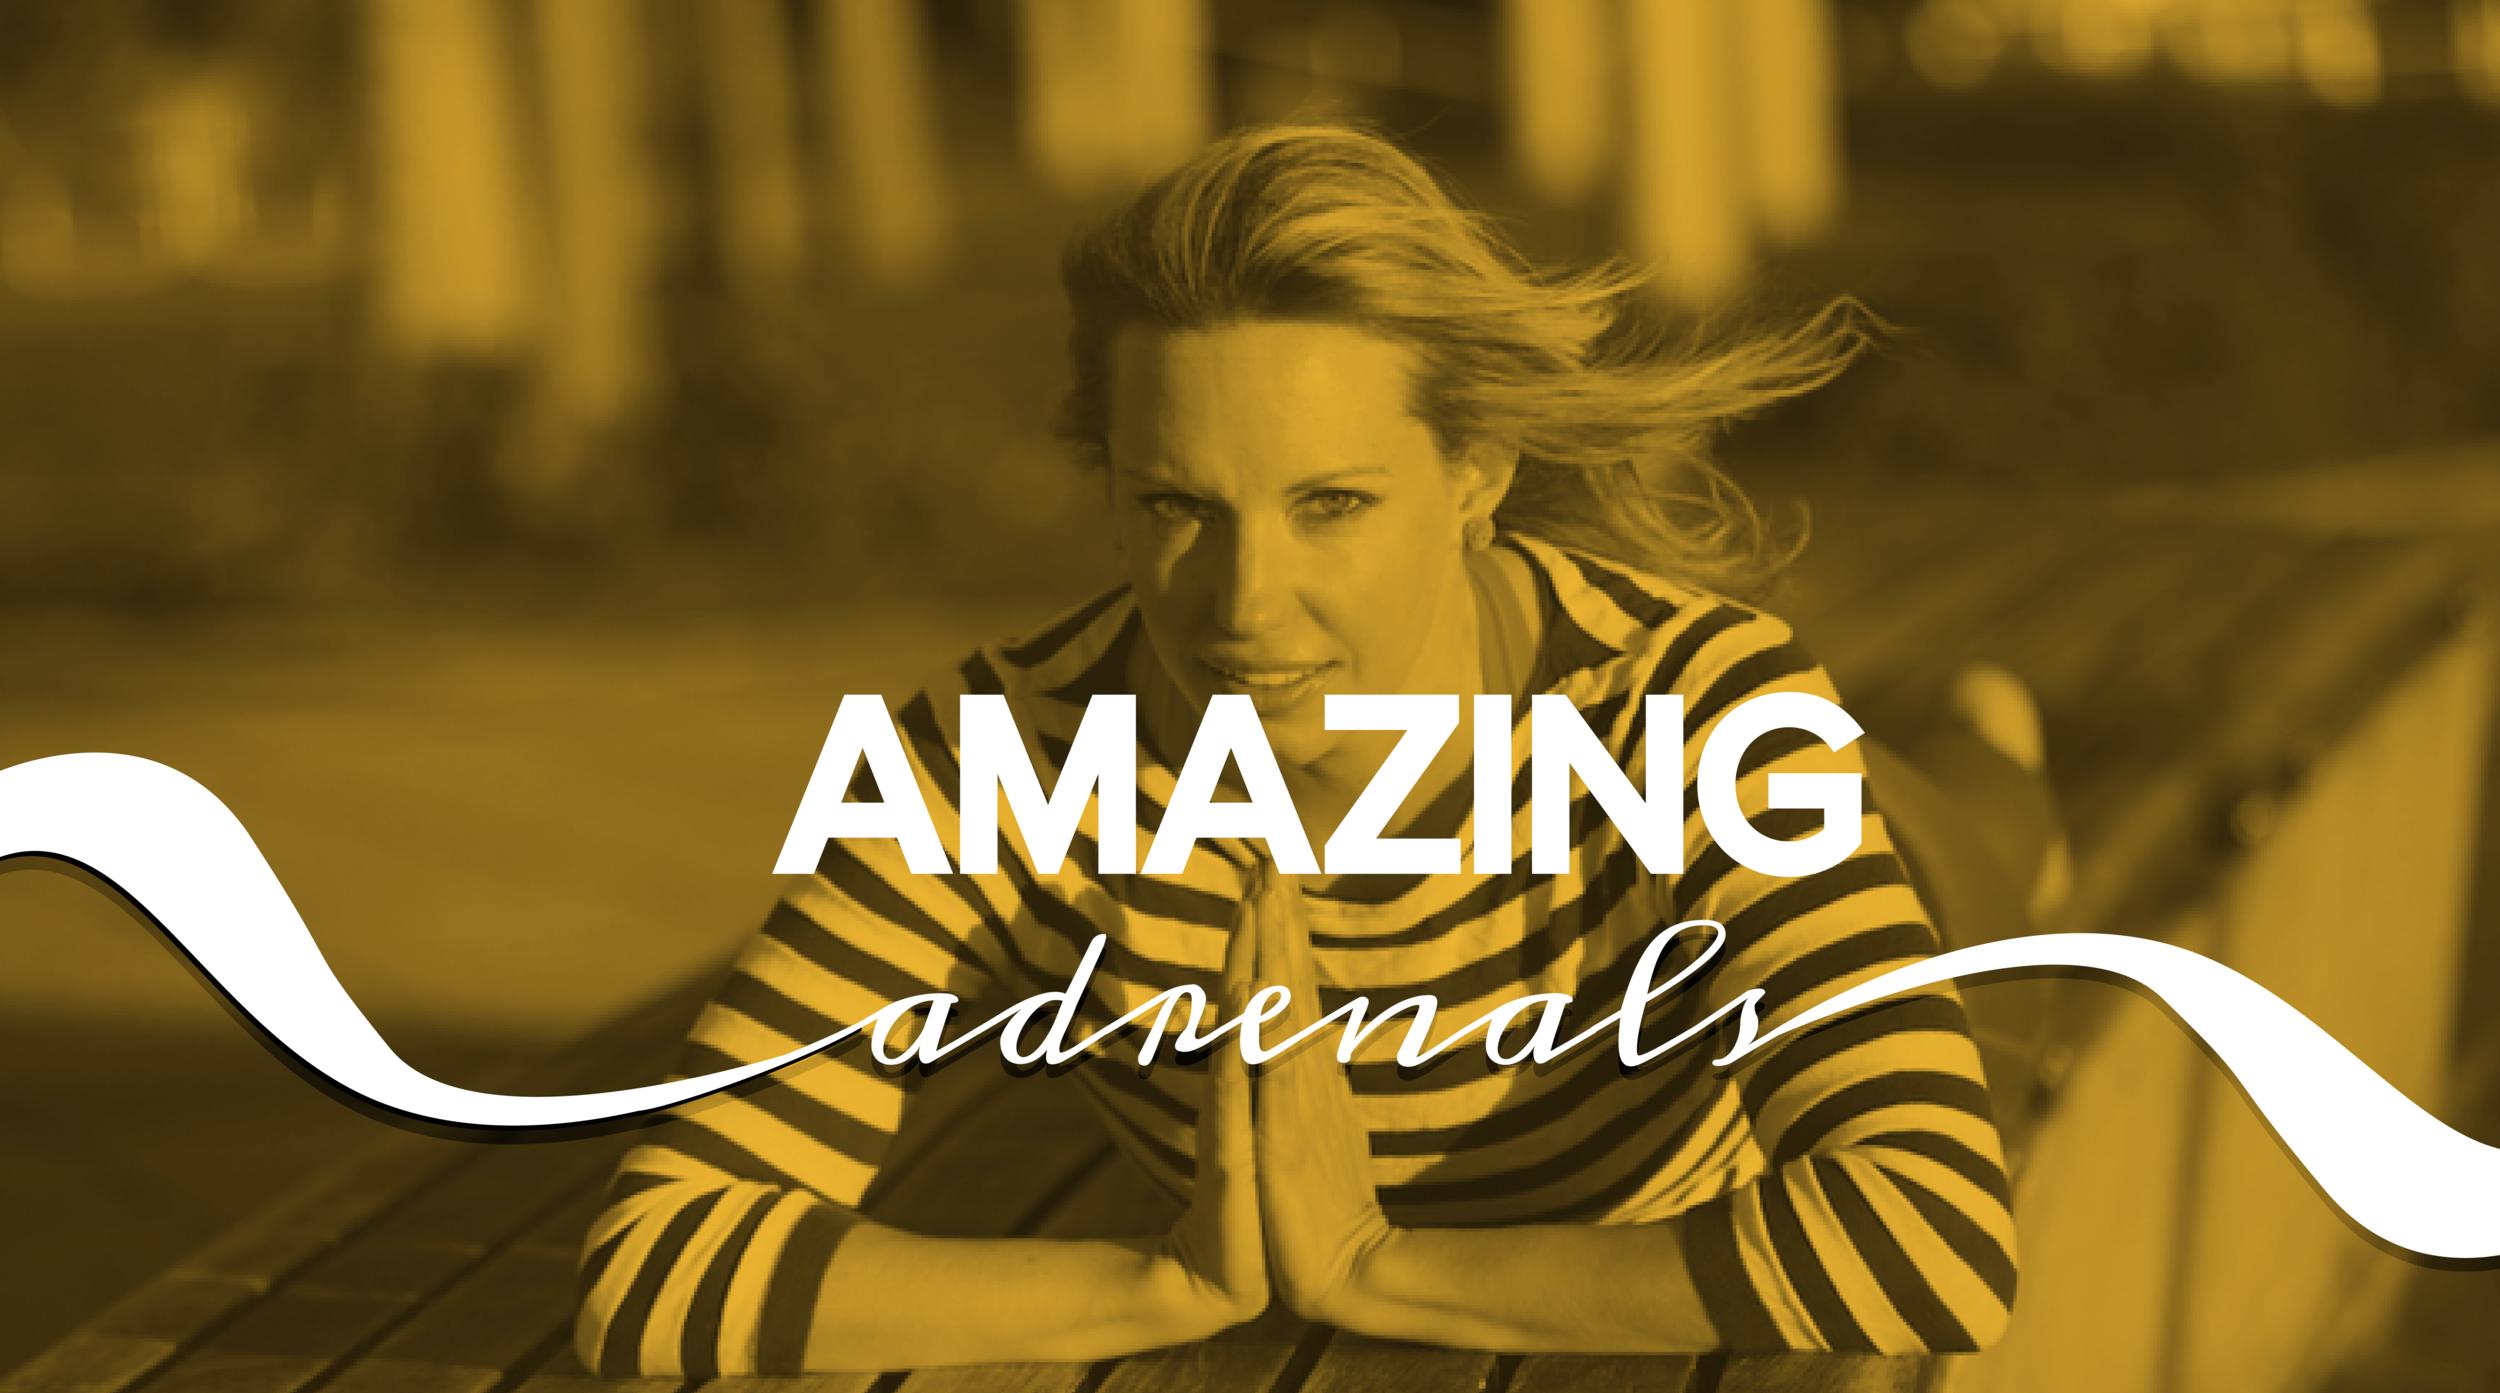 Amazing Adrenals-01.jpg